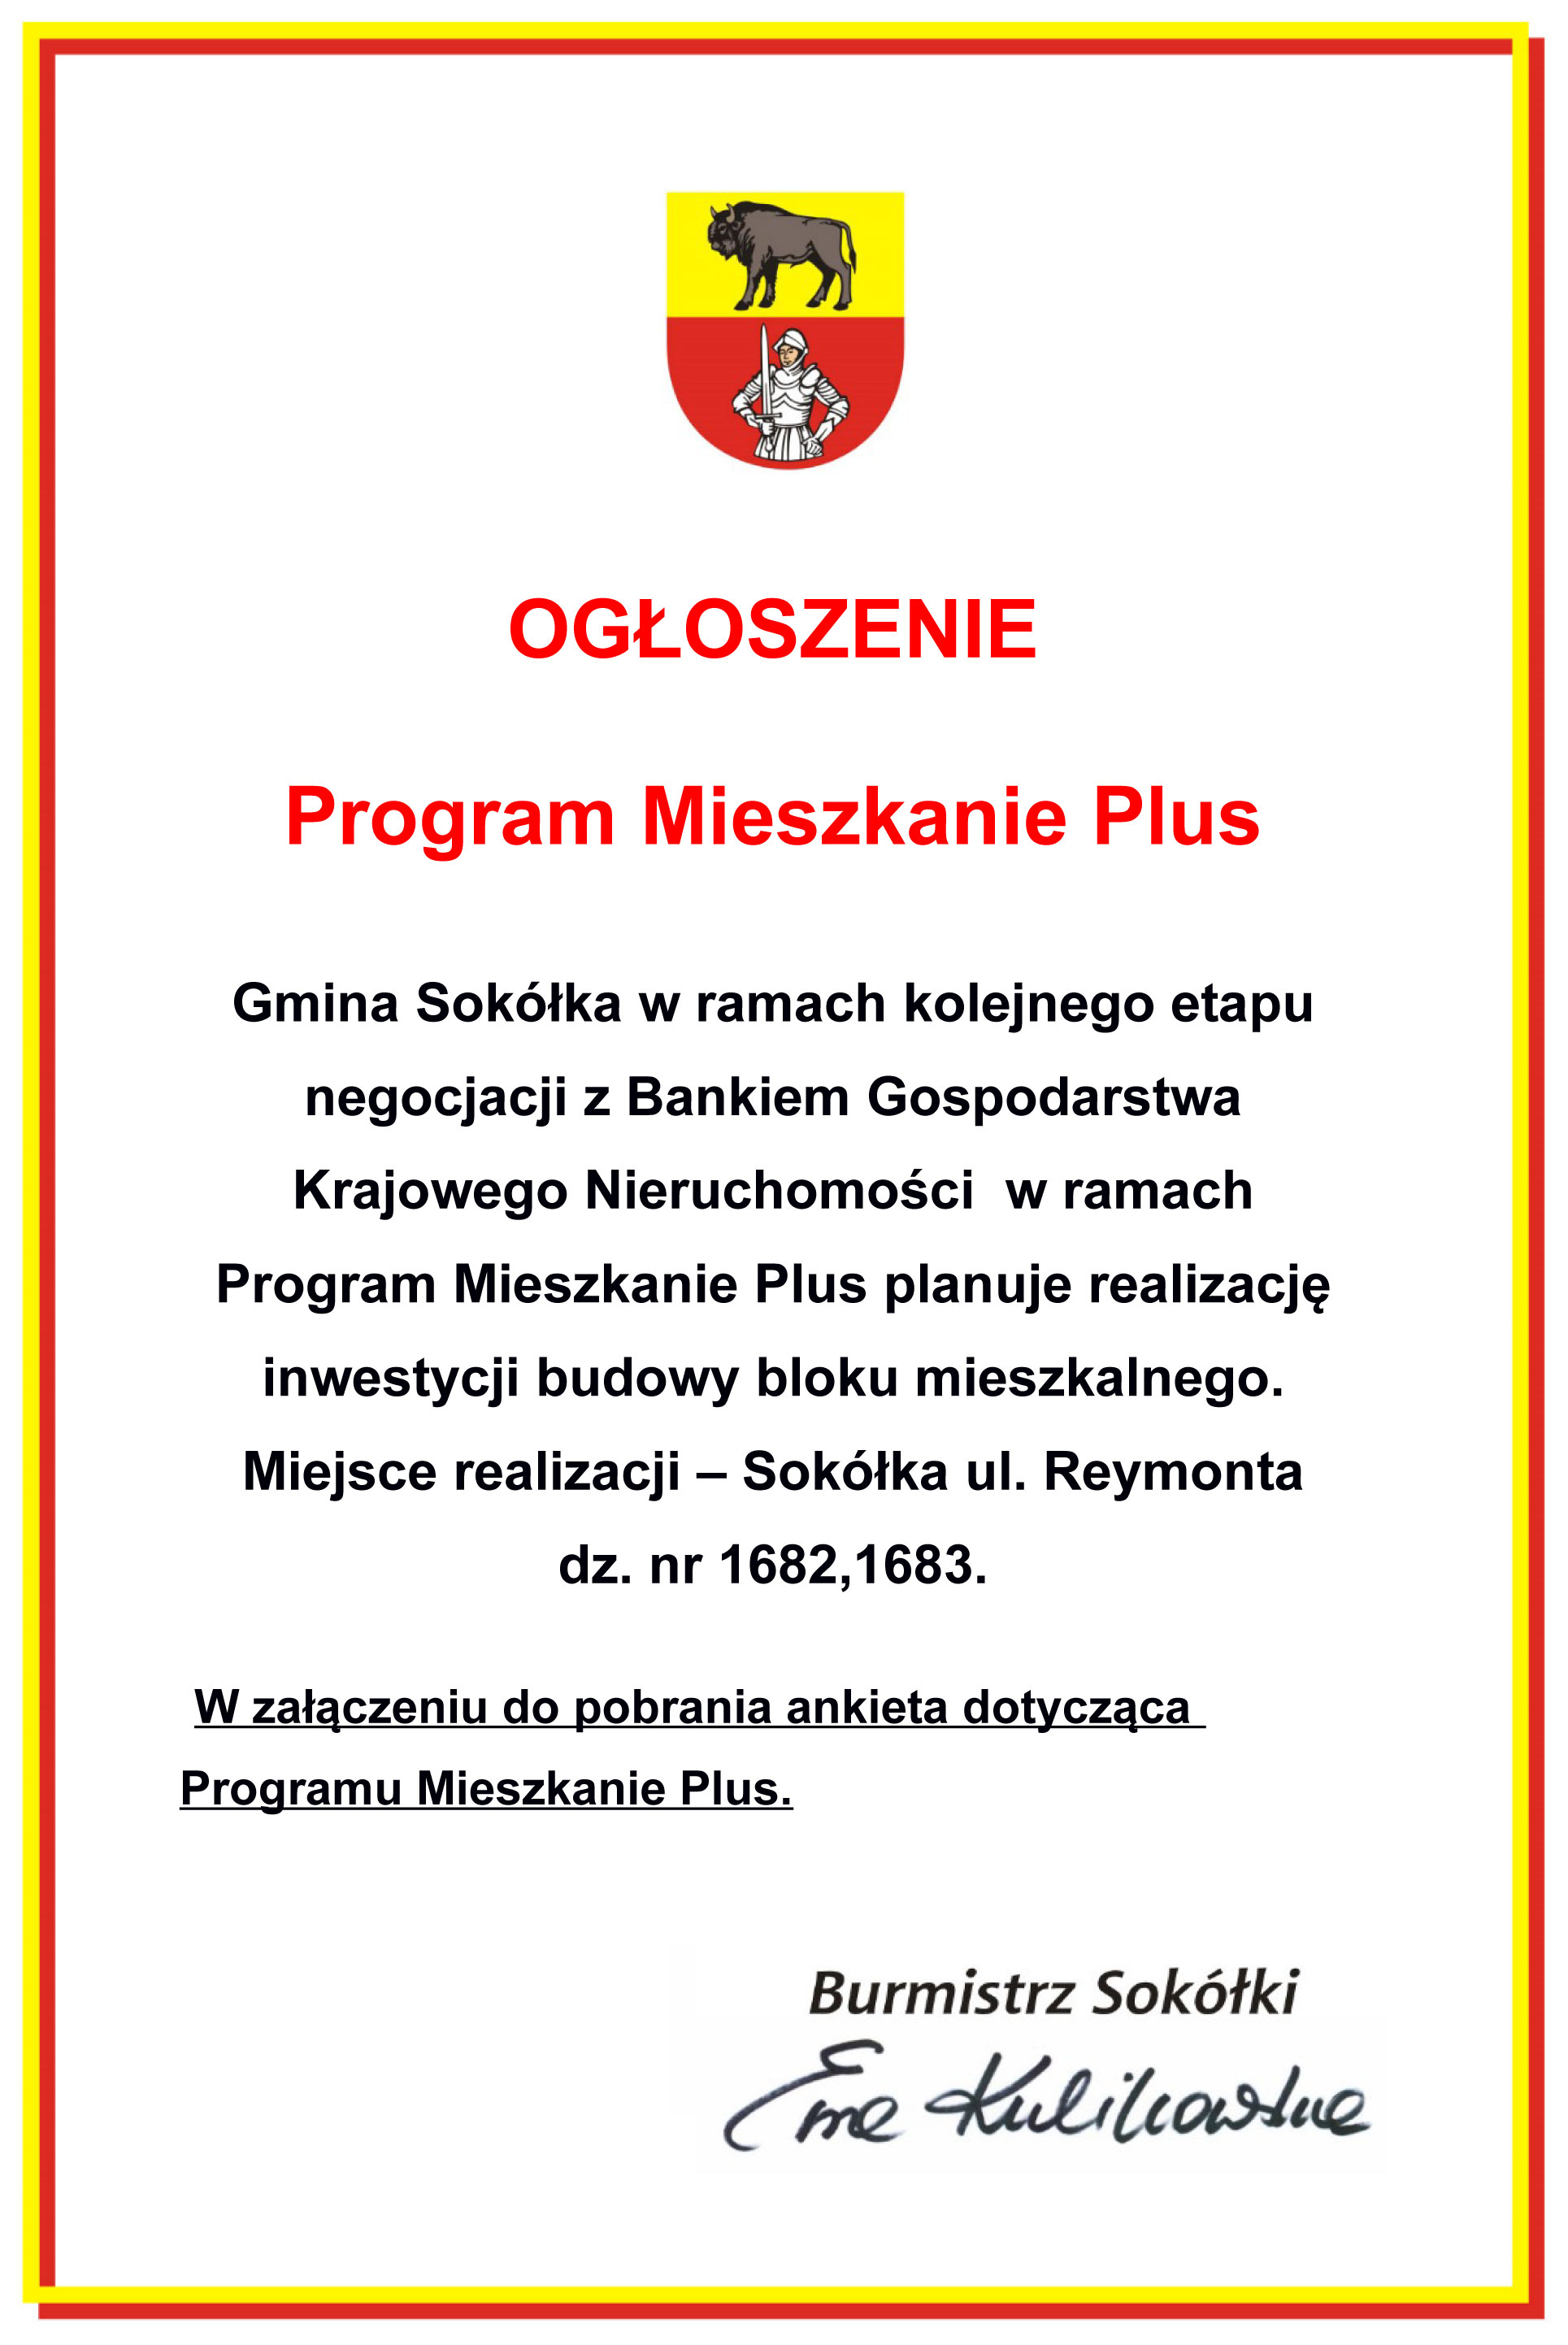 Ogłoszenie o programie Mieszkanie Plus